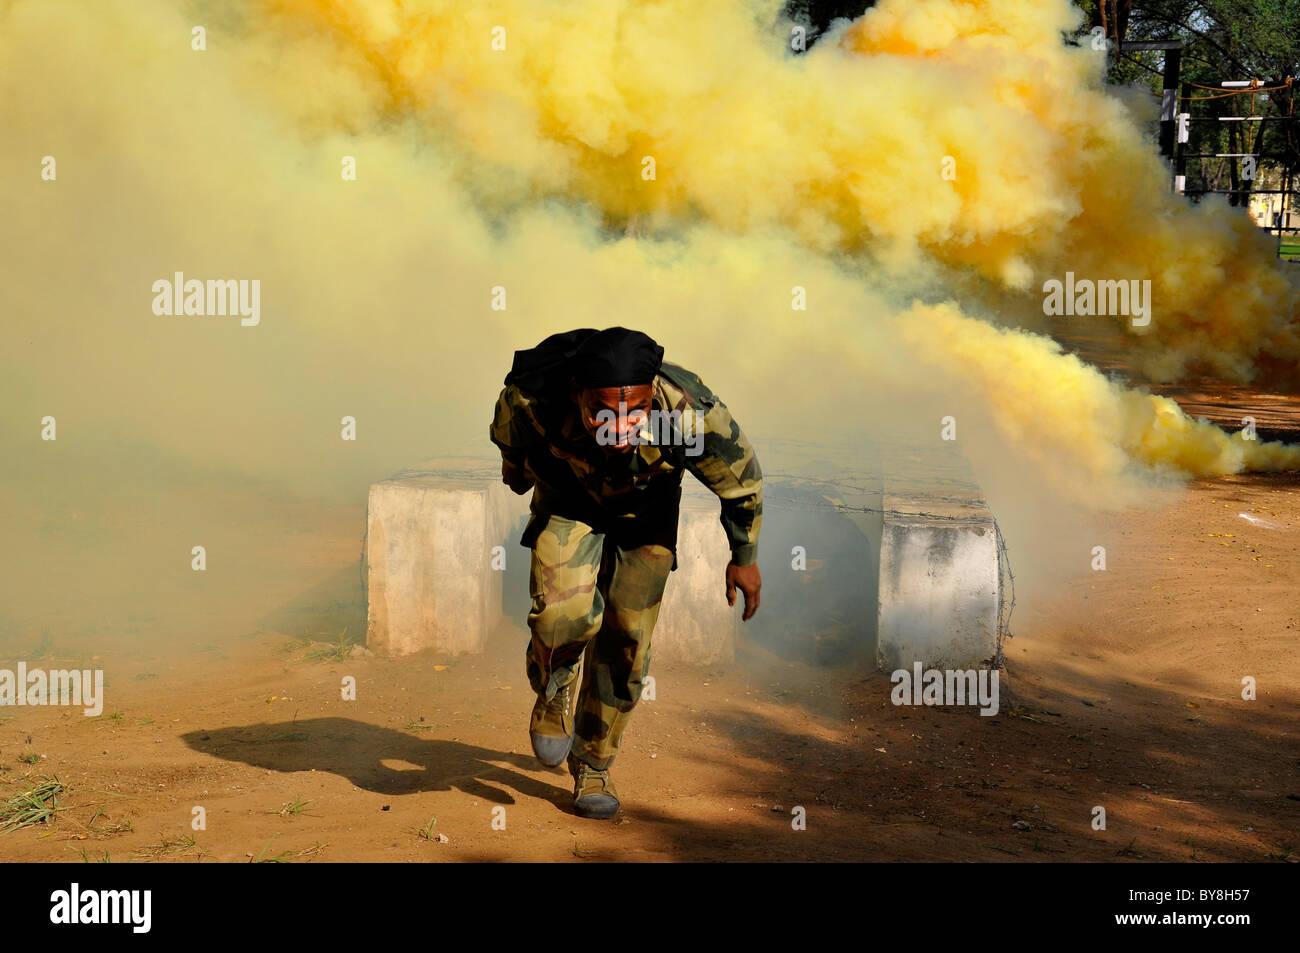 Eine indische Anti-Terror-Kommando aus Hindernis in einer rauchigen Atmosphäre Stockbild